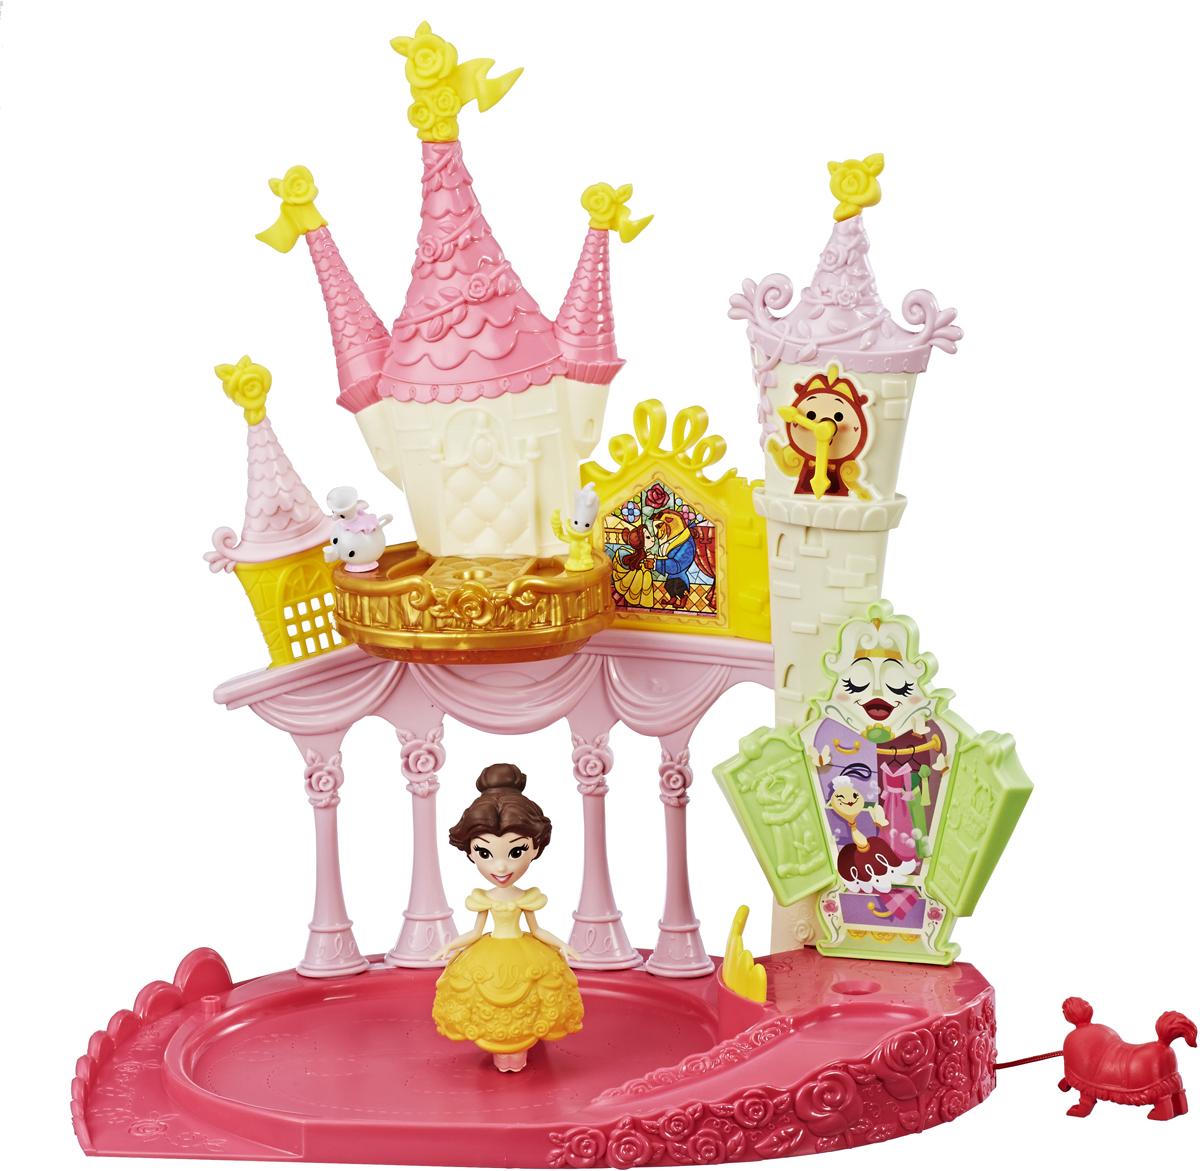 Disney Princess Игровой набор дворец Бэлль игровые наборы disney princess игровой набор моана в ассортименте